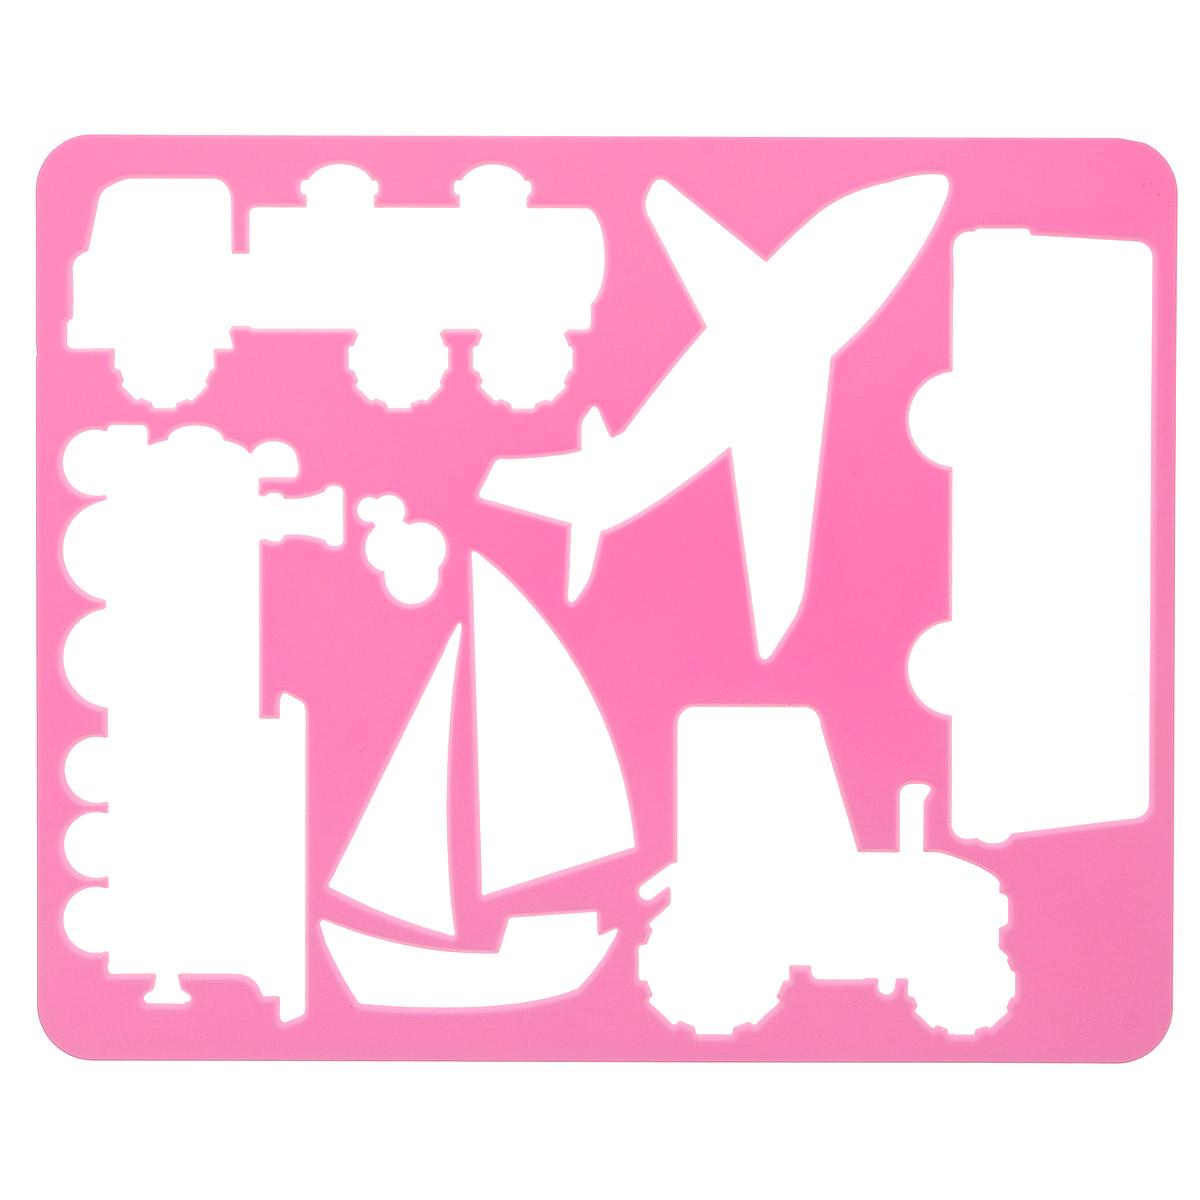 Луч Трафарет прорезной Виды транспорта, цвет: розовый10 С528-08_розовыйТрафарет Луч Виды транспорта, выполненный из безопасного пластика, предназначен для детского творчества. По трафарету маленький художник сможет нарисовать наземные, воздушные и водные виды транспорта. Для этого необходимо положить трафарет на лист бумаги, обвести фигуру по контуру и раскрасить по своему вкусу или глядя на цветную картинку-образец. Трафареты предназначены для развития у детей мелкой моторики и зрительно-двигательной координации, навыков художественной композиции и зрительного восприятия.